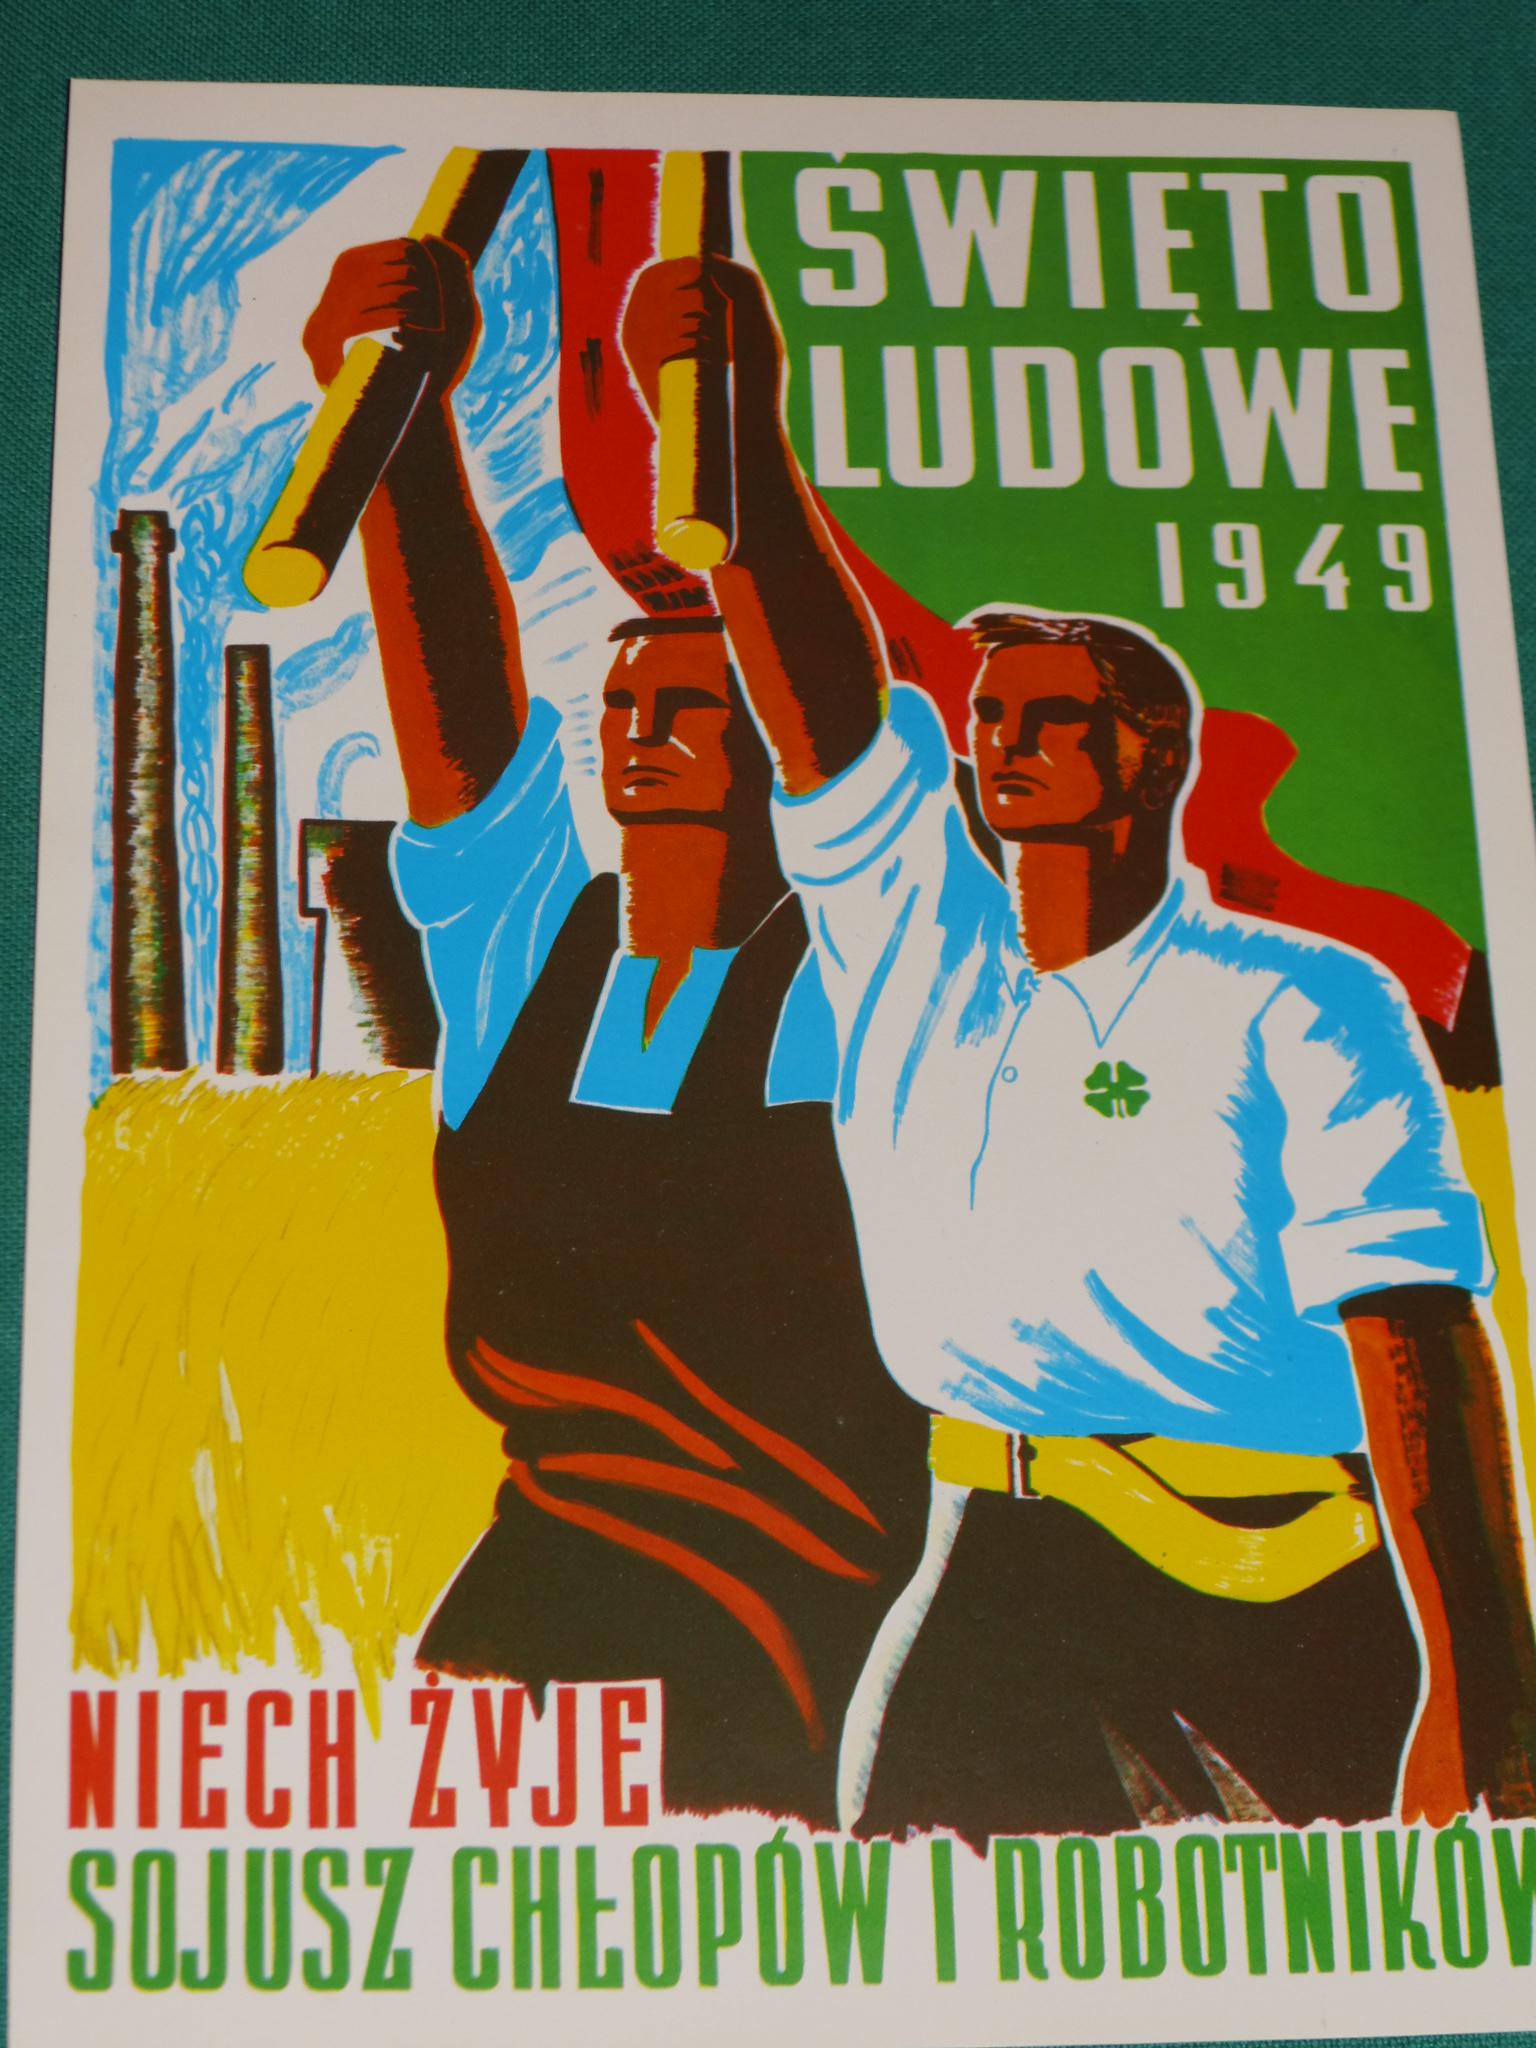 Stary Polski Plakat Swięto Ludowe 1949r